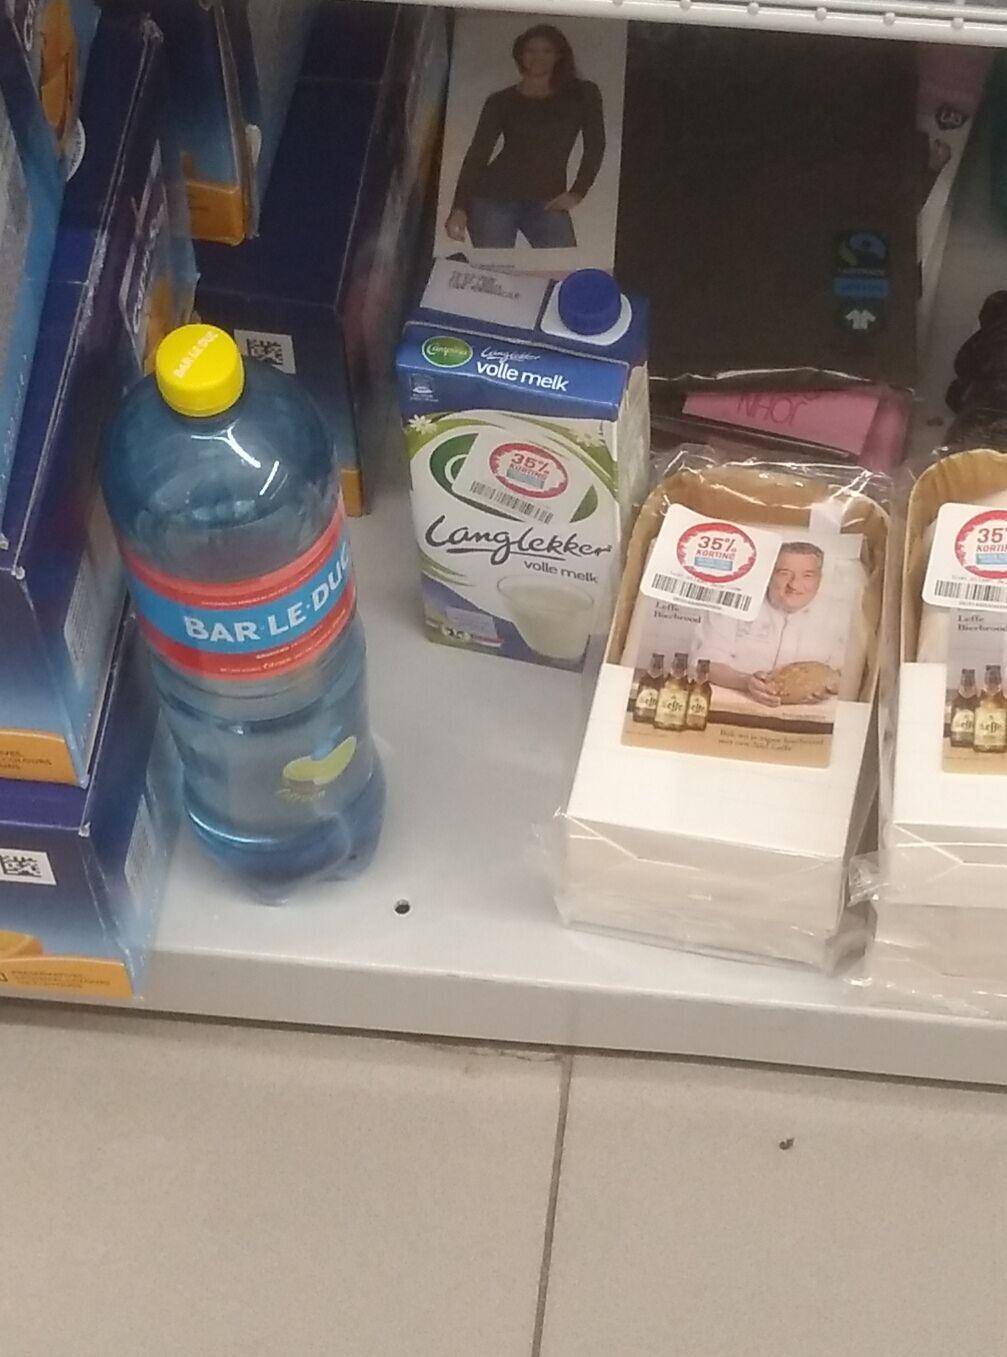 Oude pakken Langlekker ook 2e gratis (2 voor €0,88)